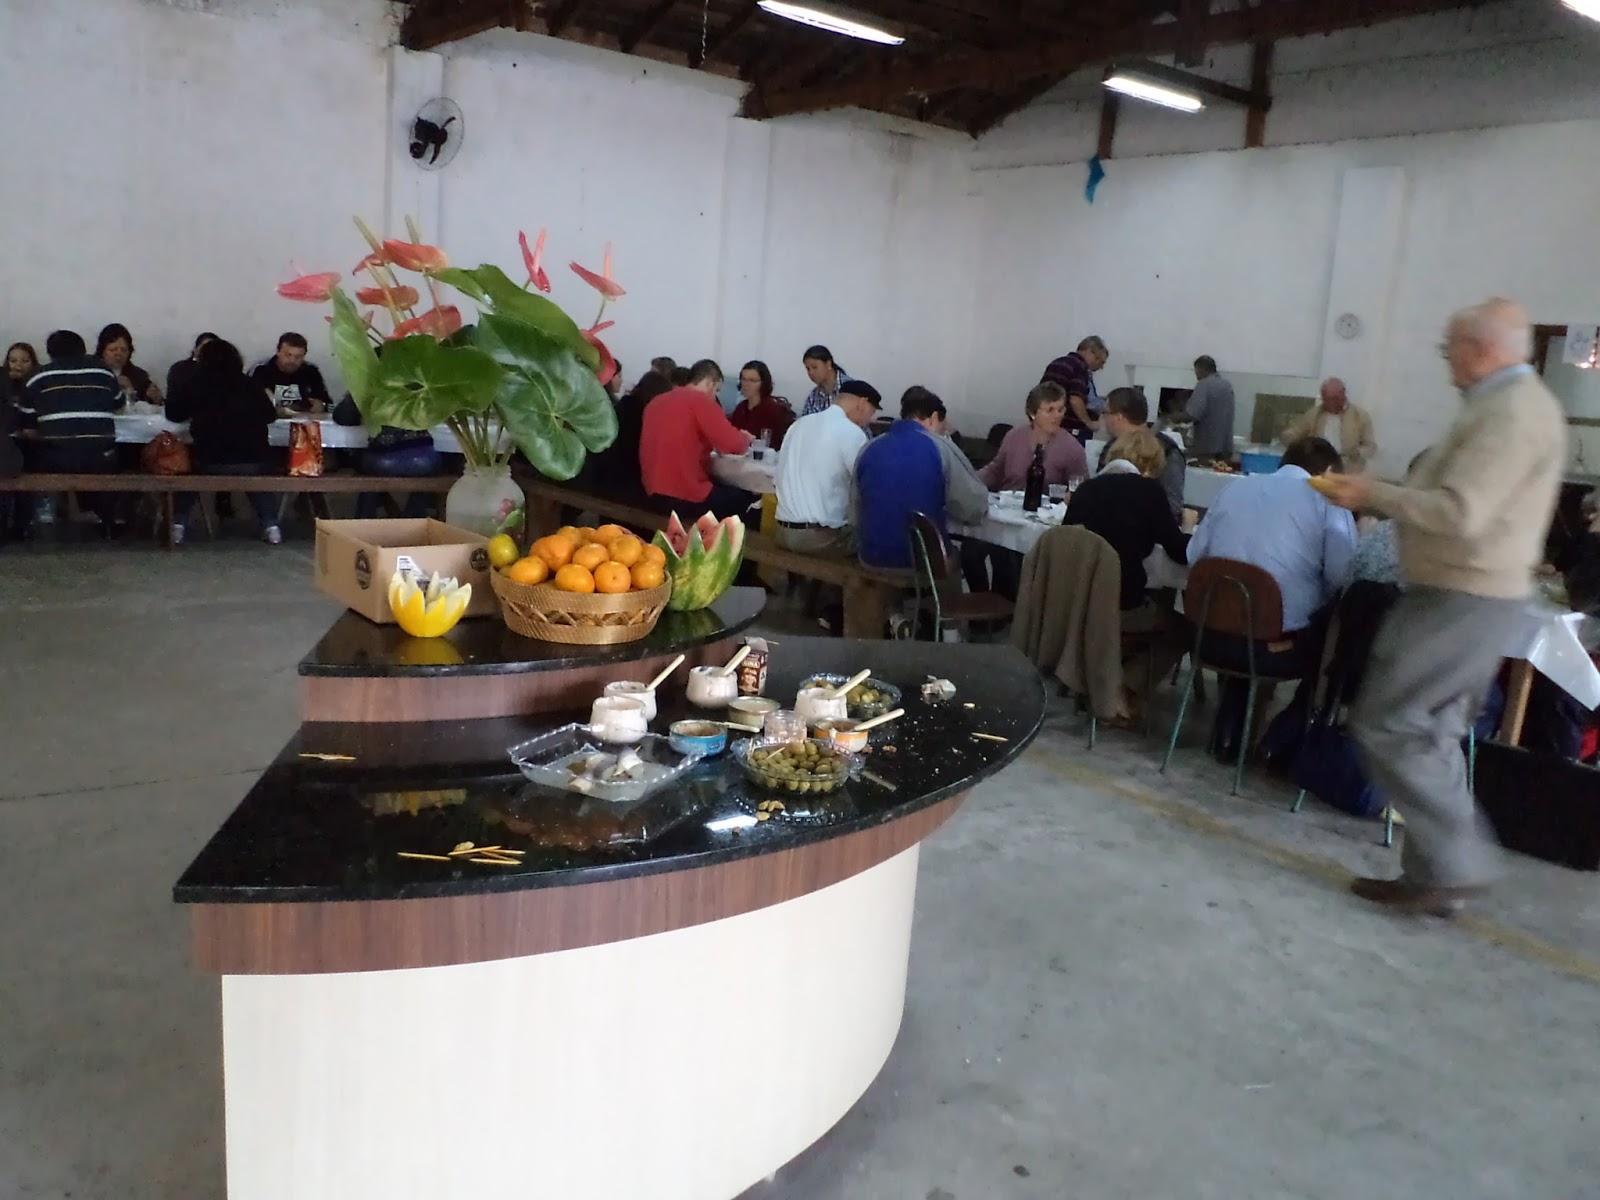 e55024f8e7 Os coralistas do coro Masculino Liederkranz e seus familiares se reuniram  durante o almoço de hoje no galpão do centro cultural